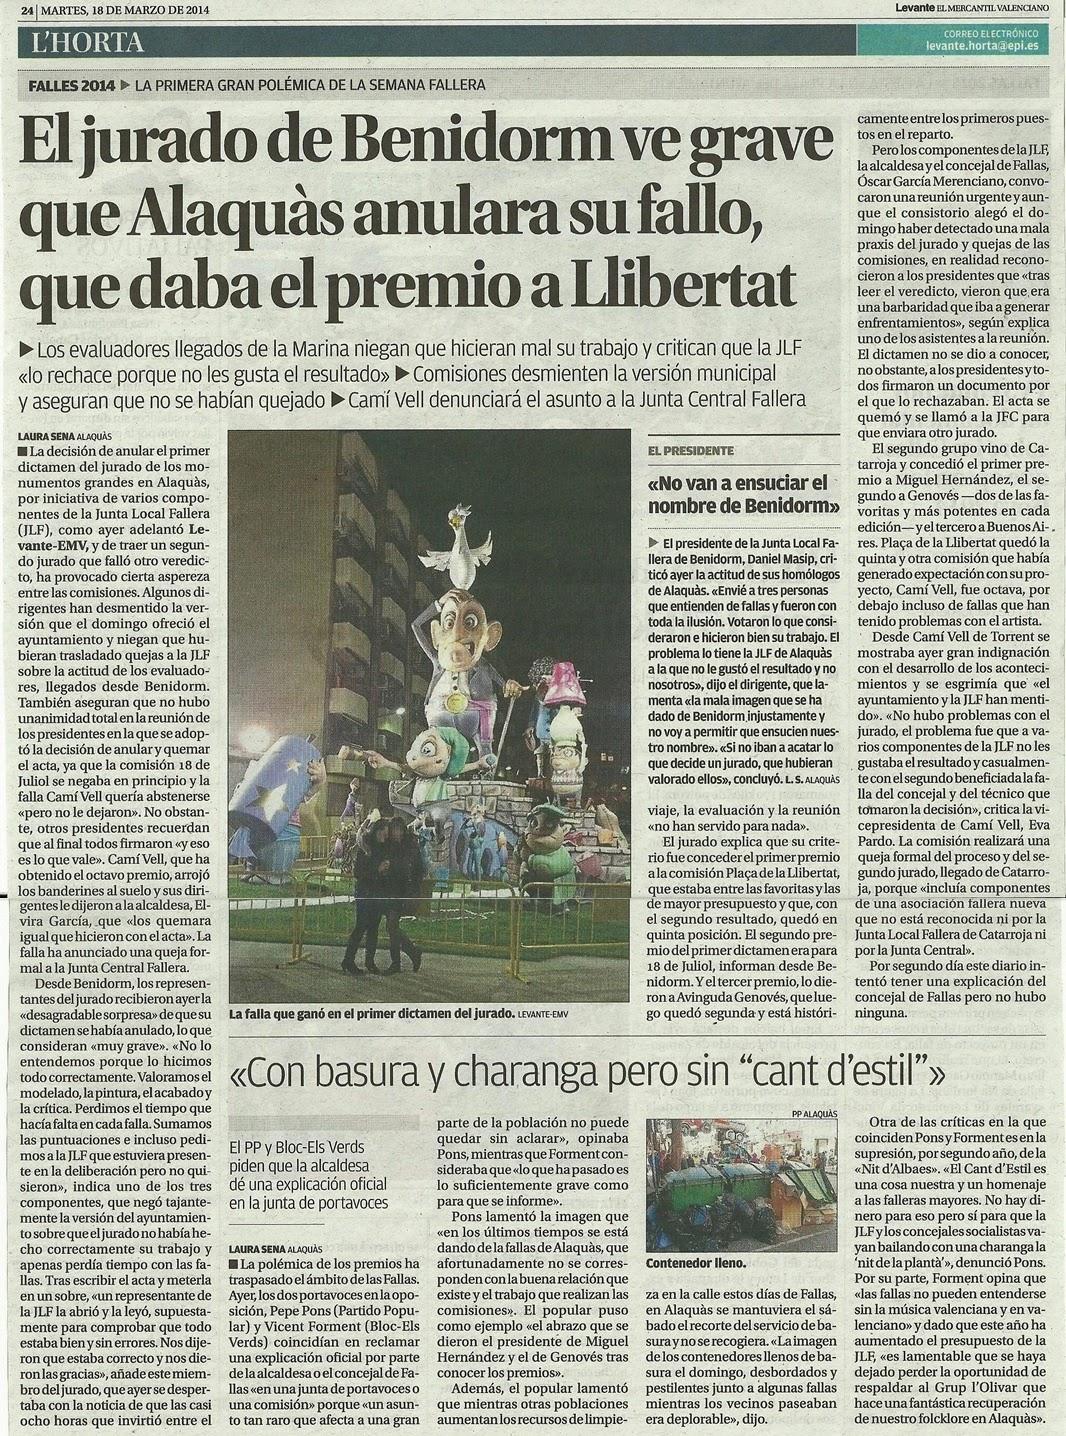 Premios con polemica en las fallas de alaqu s dos - Trabajo en alaquas ...